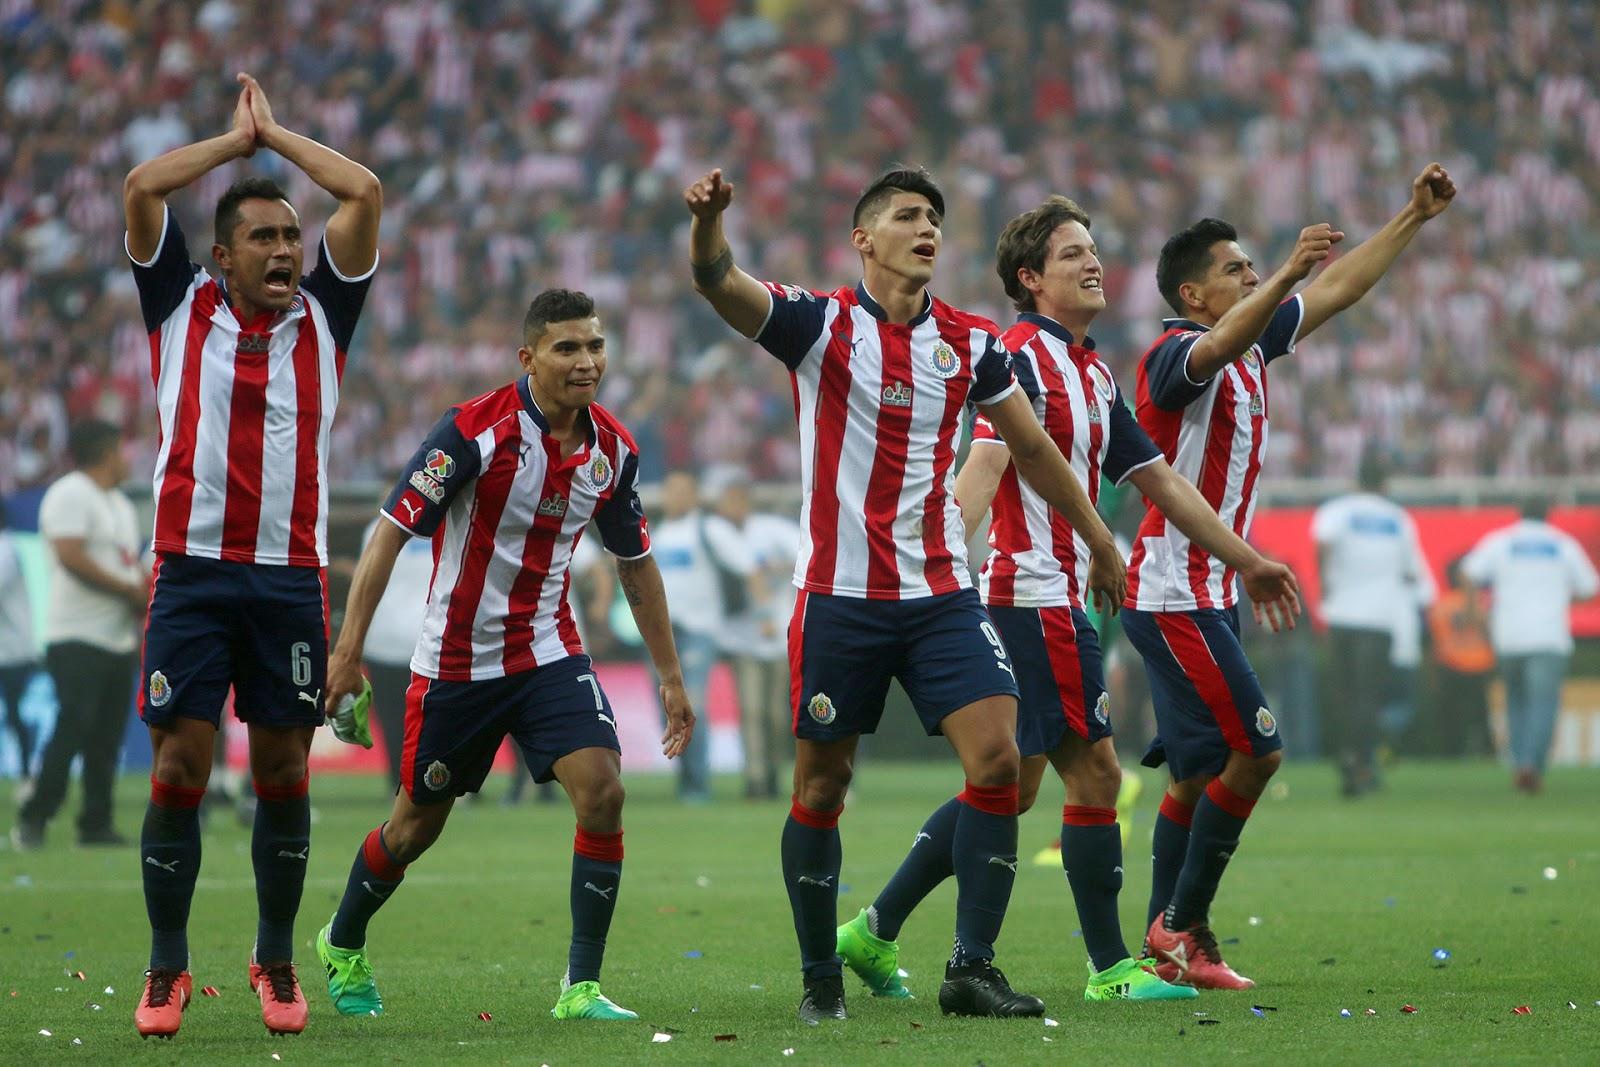 A Chivas le siguen Le siguen Corinthians, Flamengo, Boca y River.